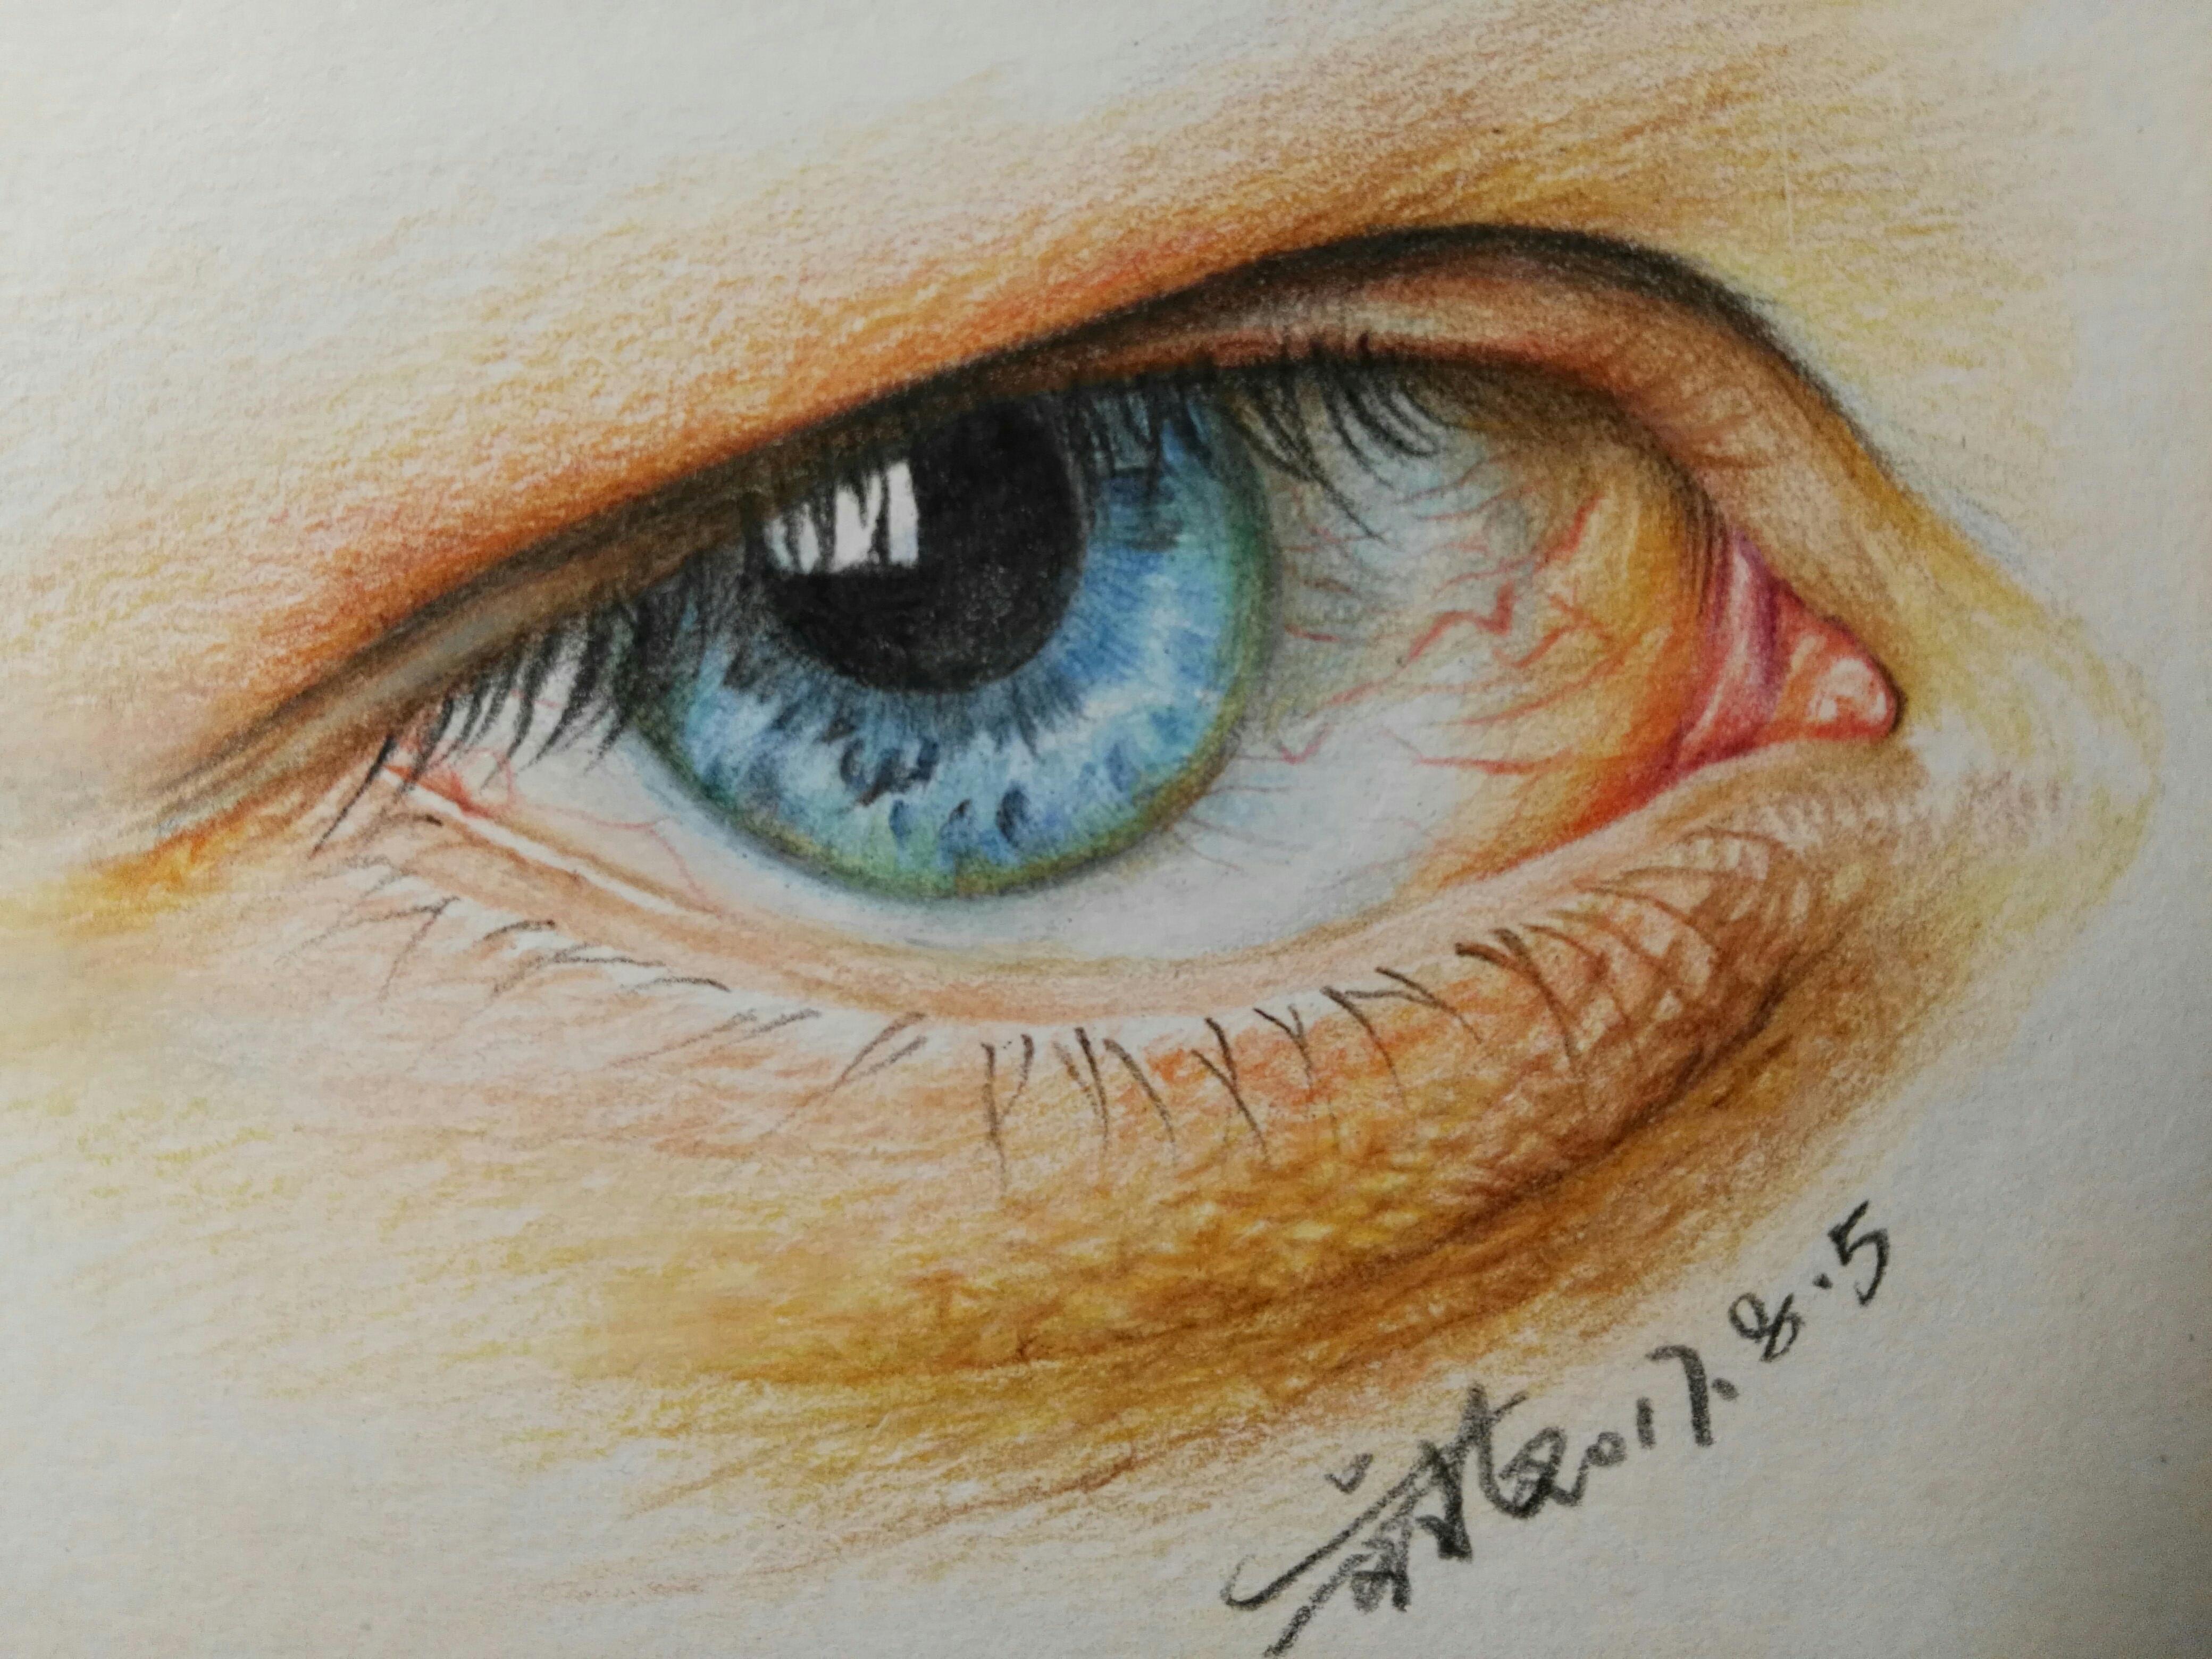 第一次做彩铅眼睛教程,有很多不足多指教